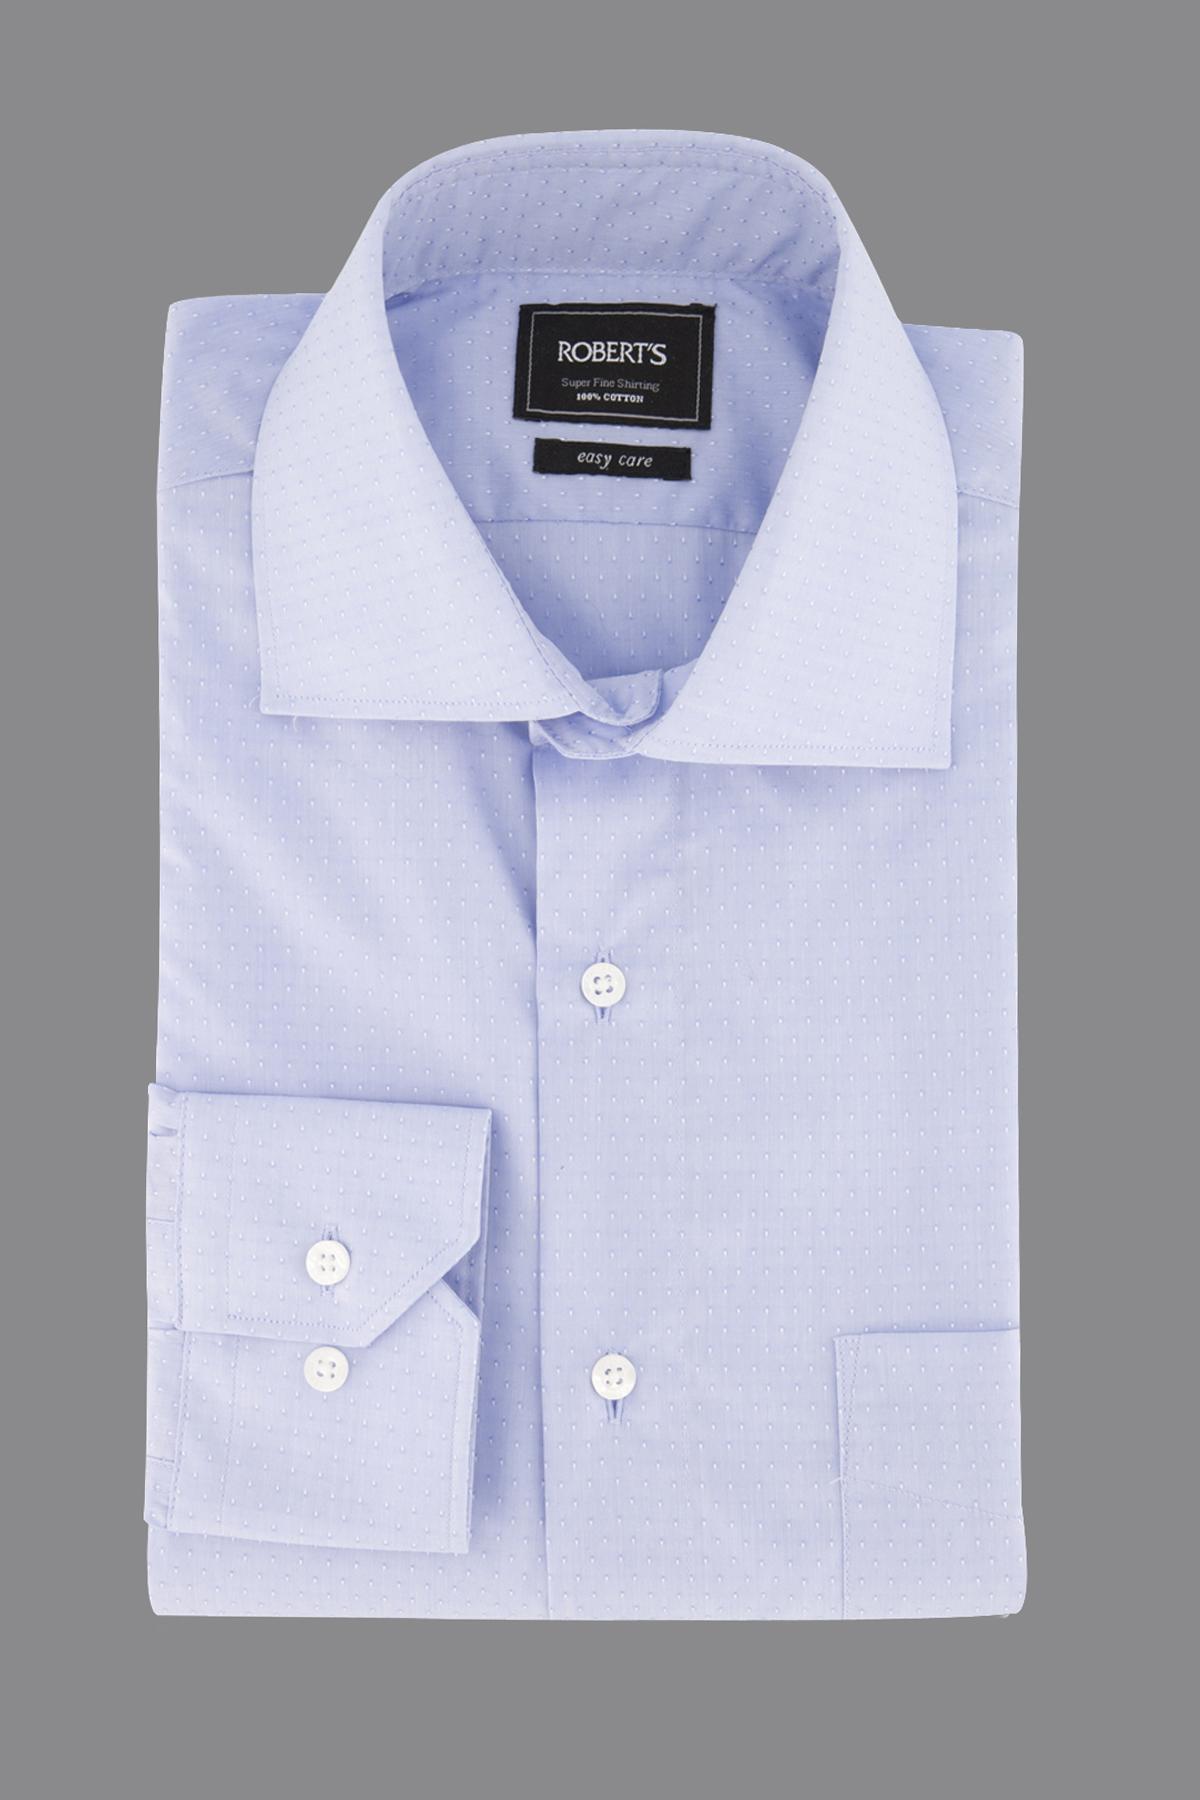 Camisa Robert´s,  Regular fit, Easy Care